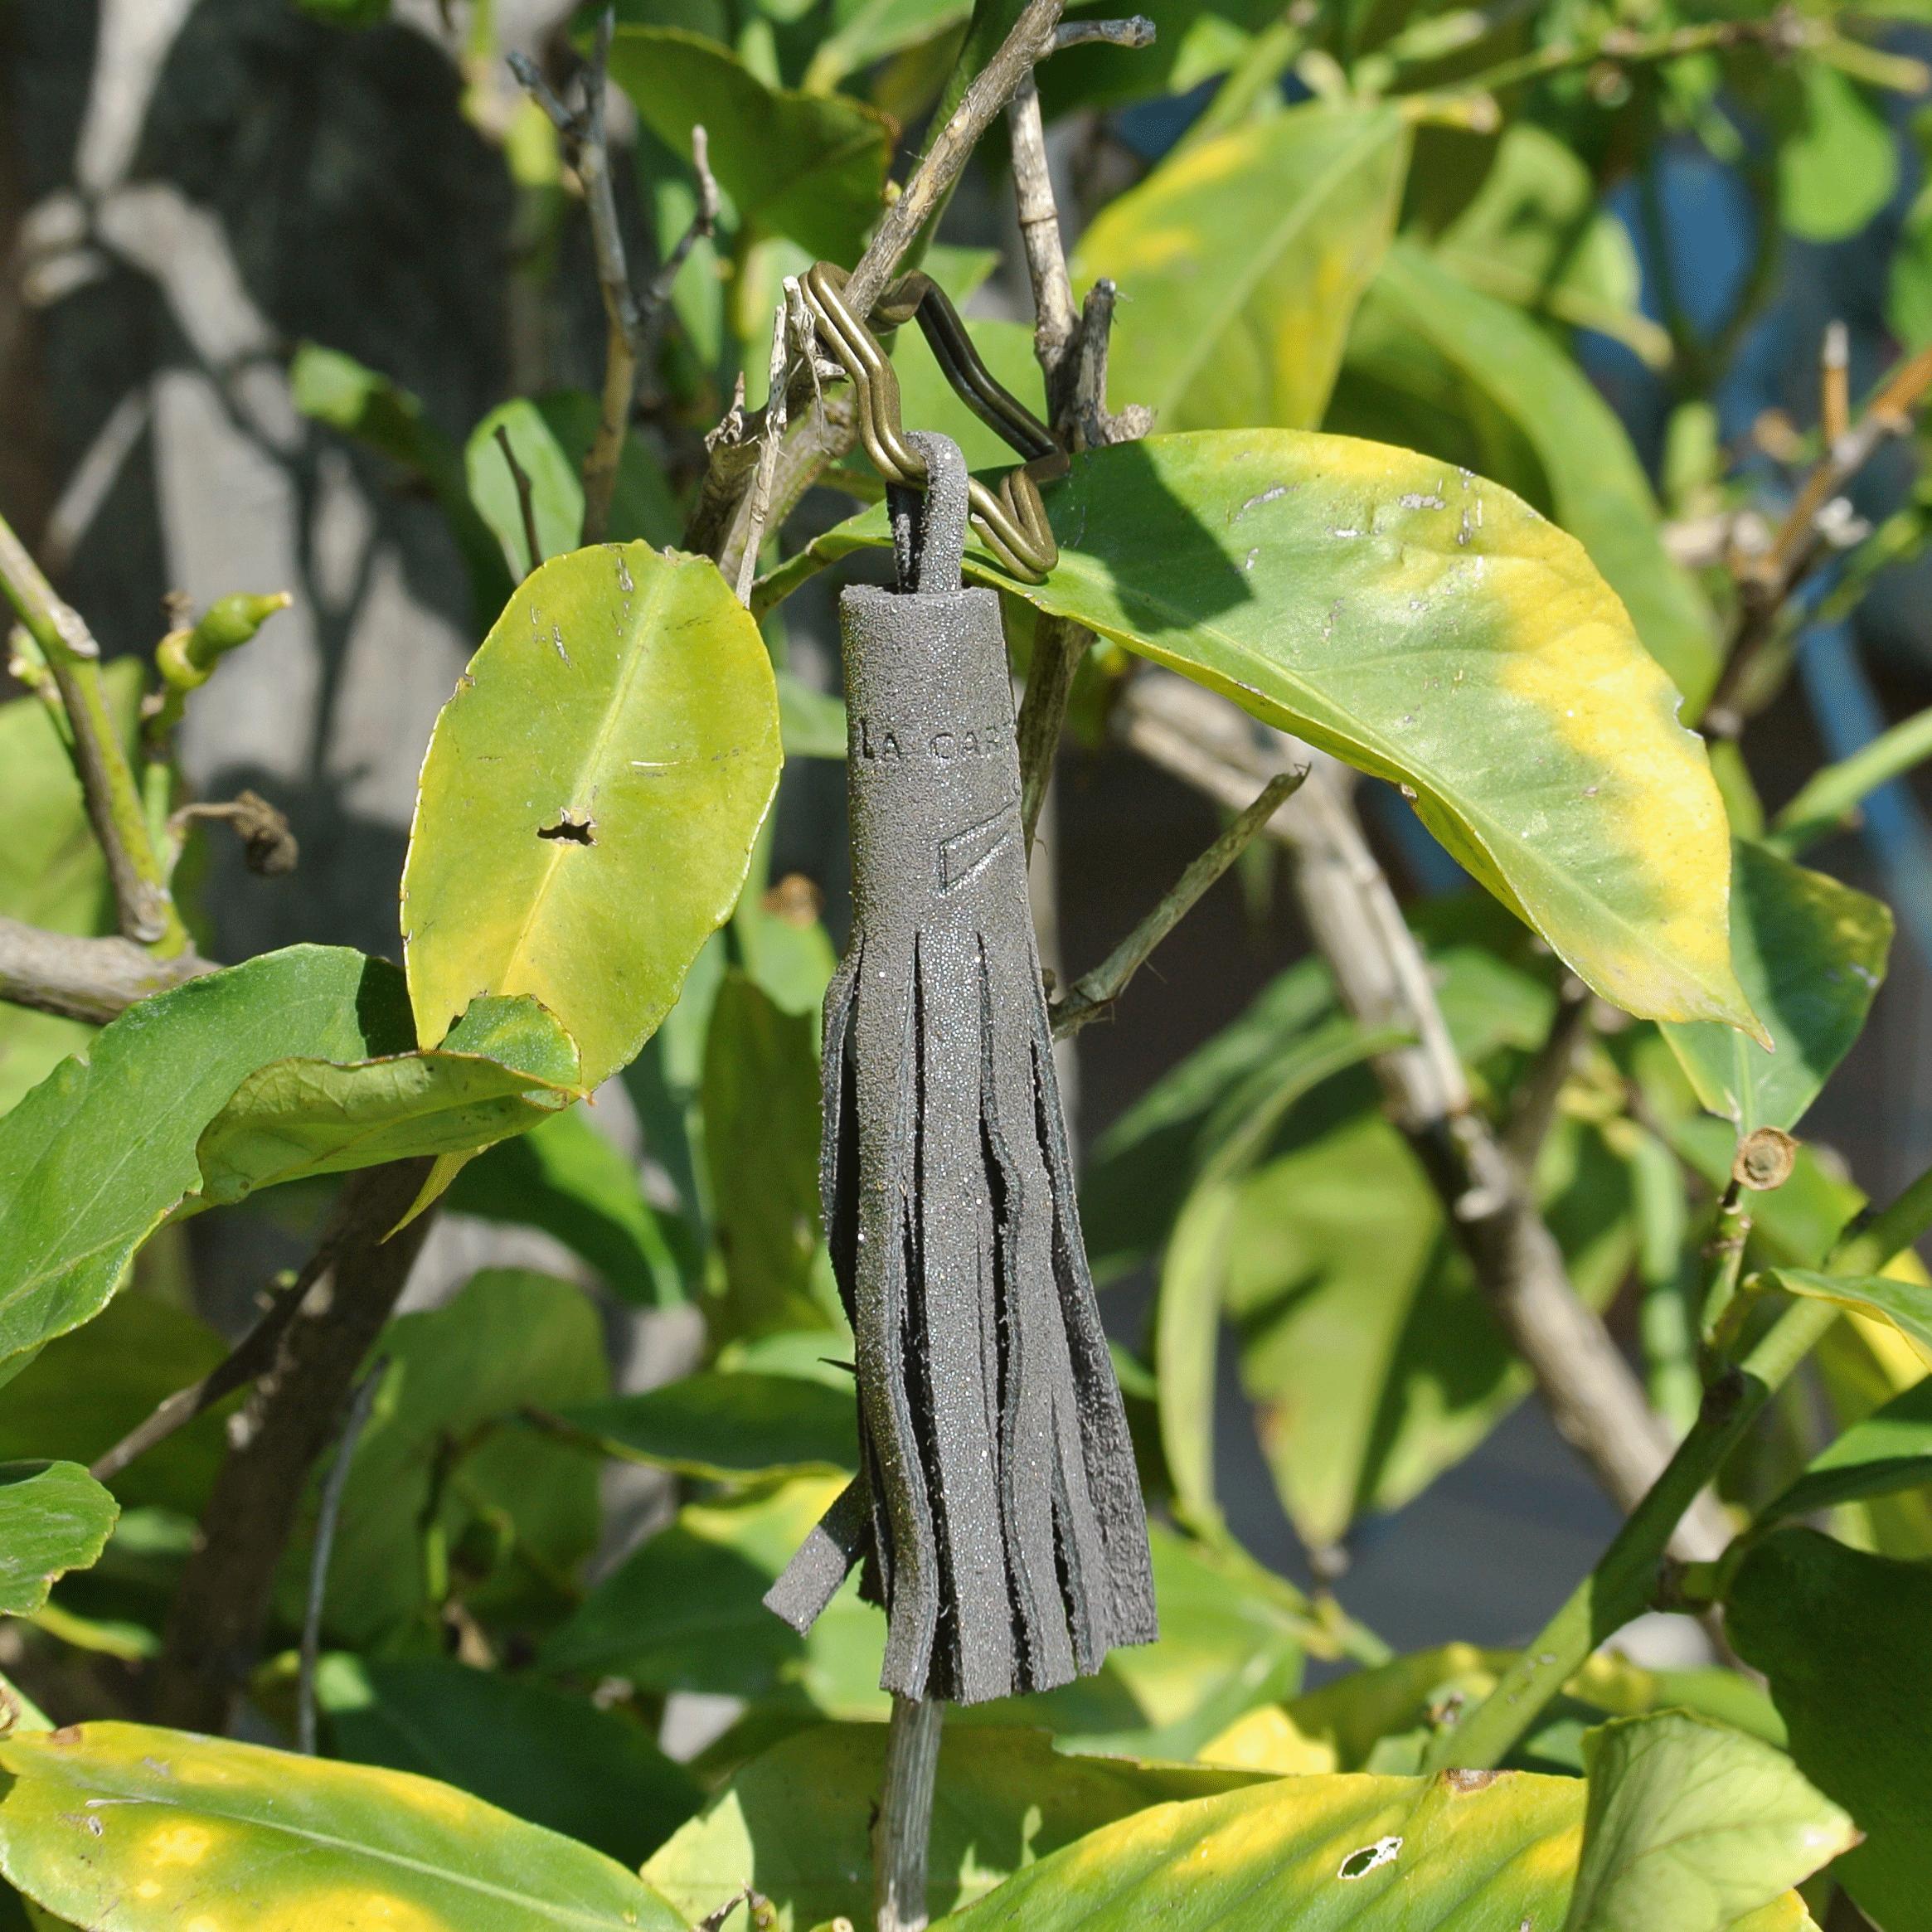 porte-clé-pompon-en-cuir-pailleté-fabriqué-en-france-la-cartabliere-clés-élégant